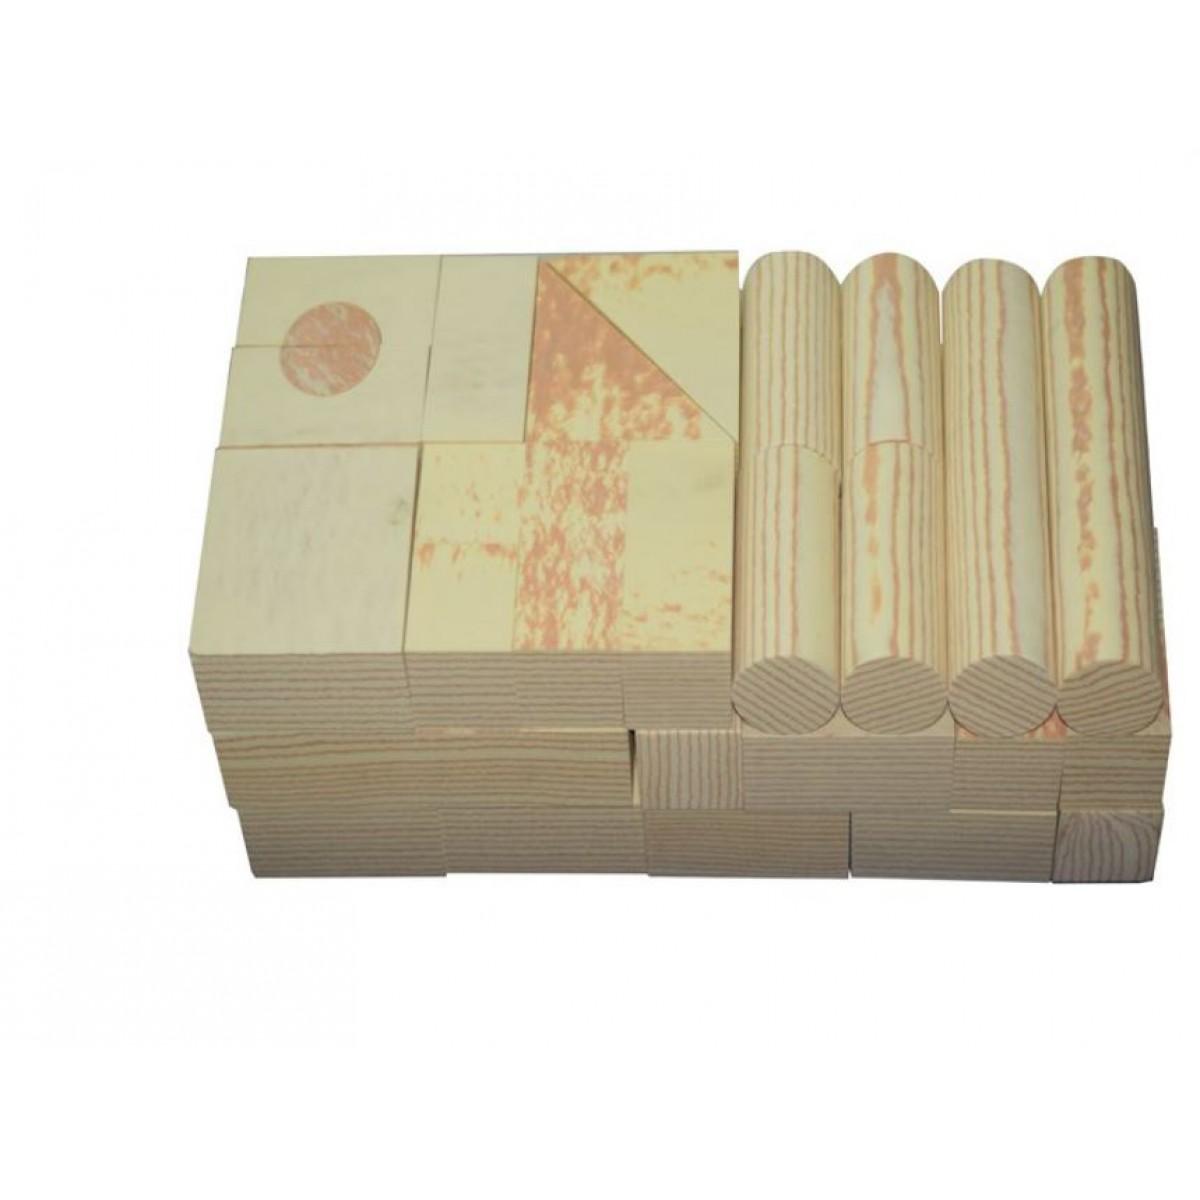 مكعبات فوم 48 قطعة لون خشبي